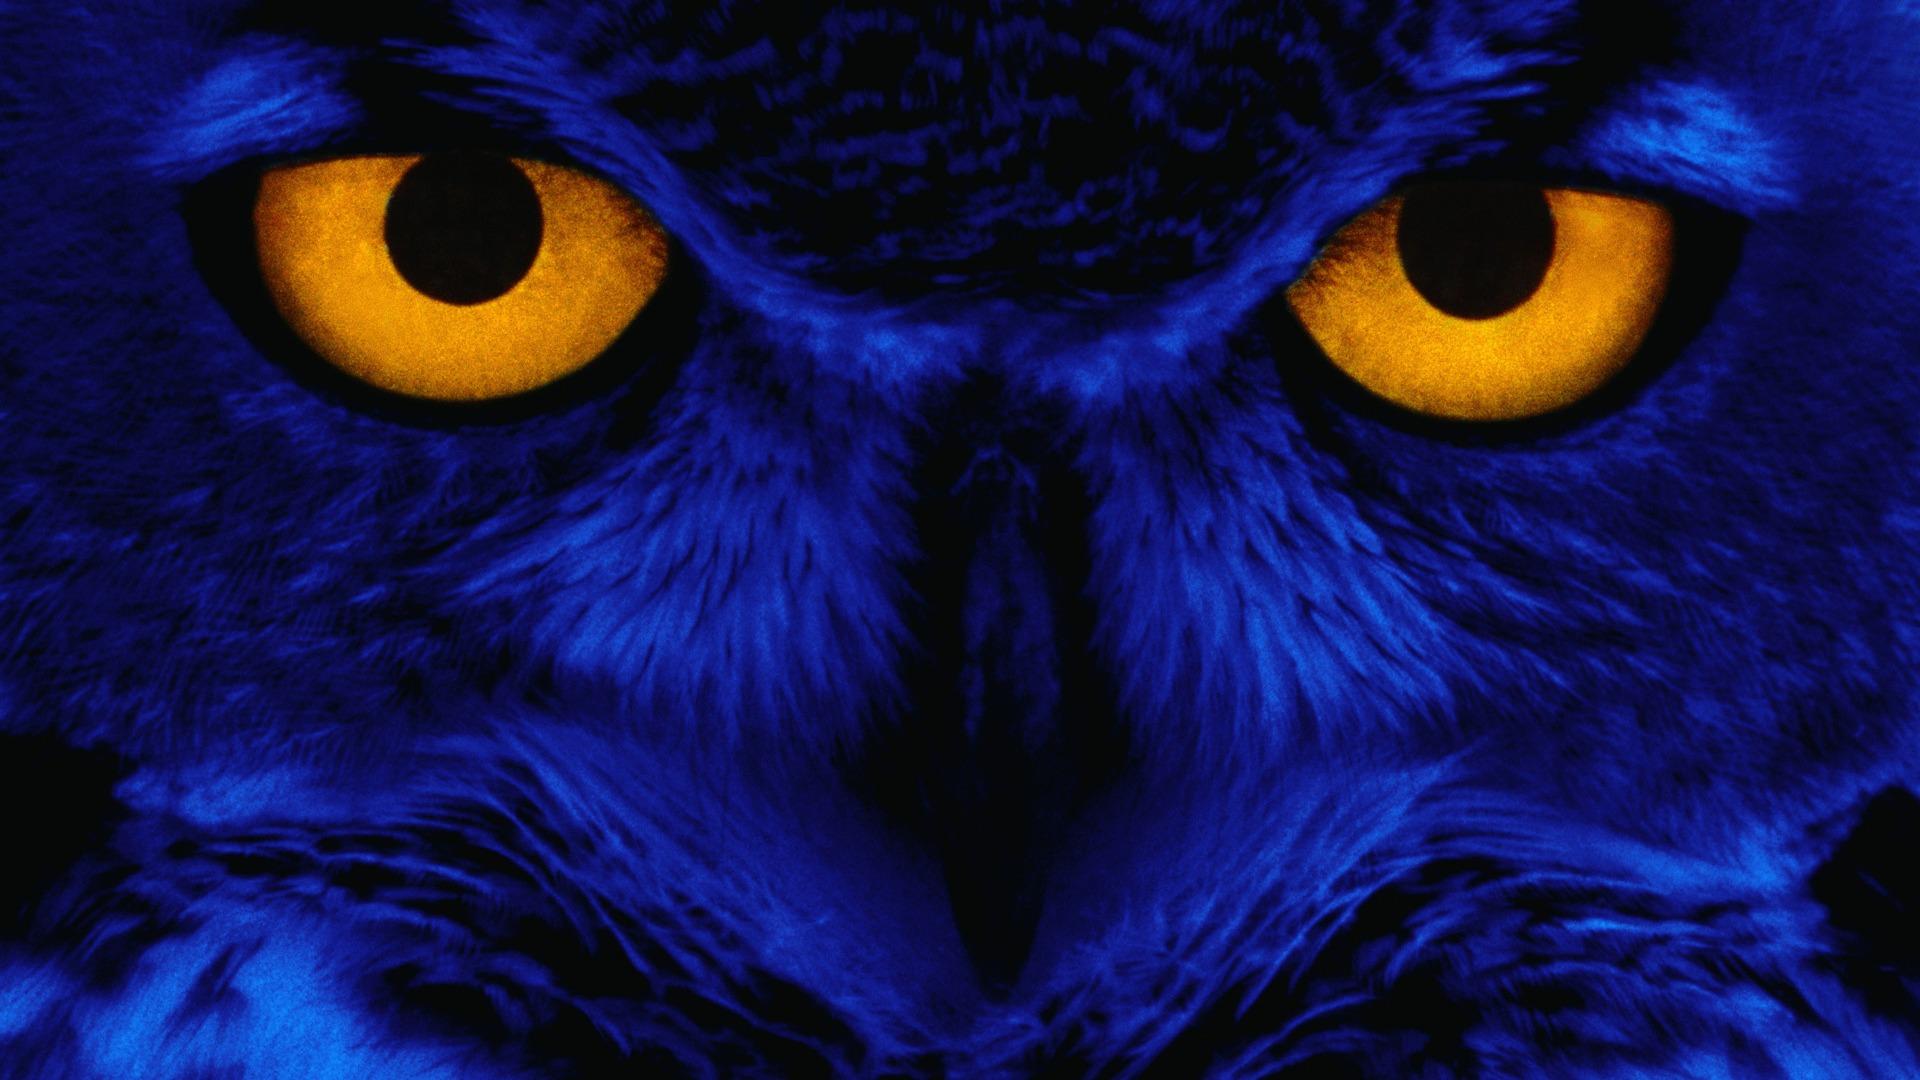 Download Wallpaper Halloween Windows 7 - 1920_1080_20101108092208537280  Graphic_32239.jpg